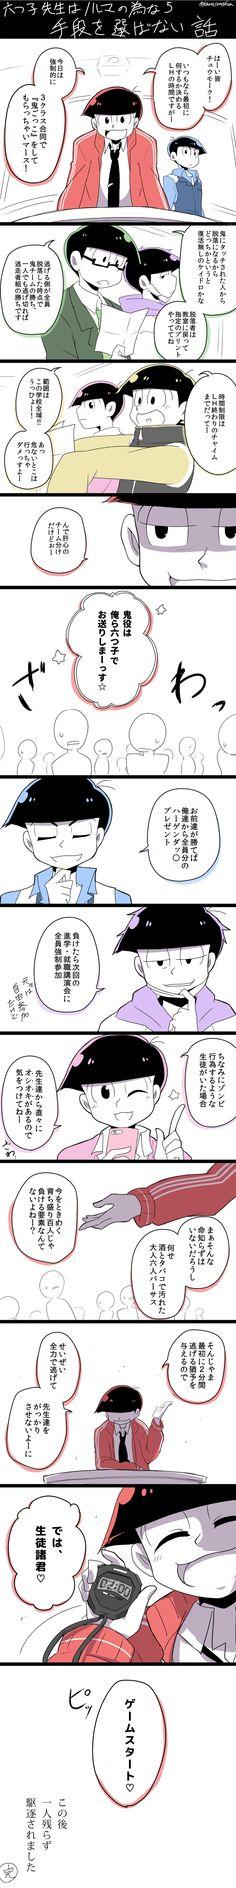 「先生松ネタ盛」/「烏未」の漫画 [pixiv]